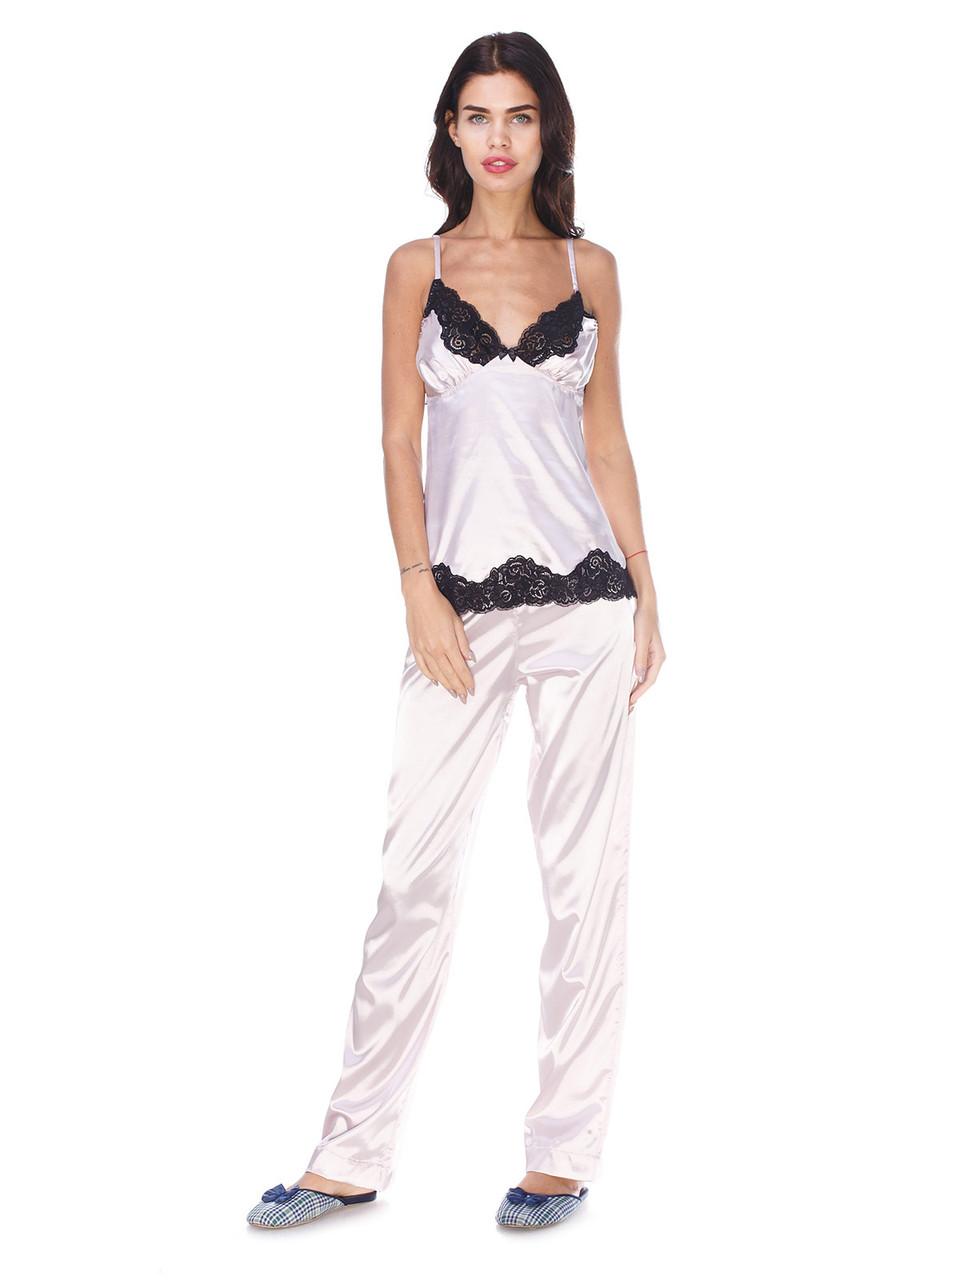 Пижама стрейч атлас Serenade палевый с черным кружевом